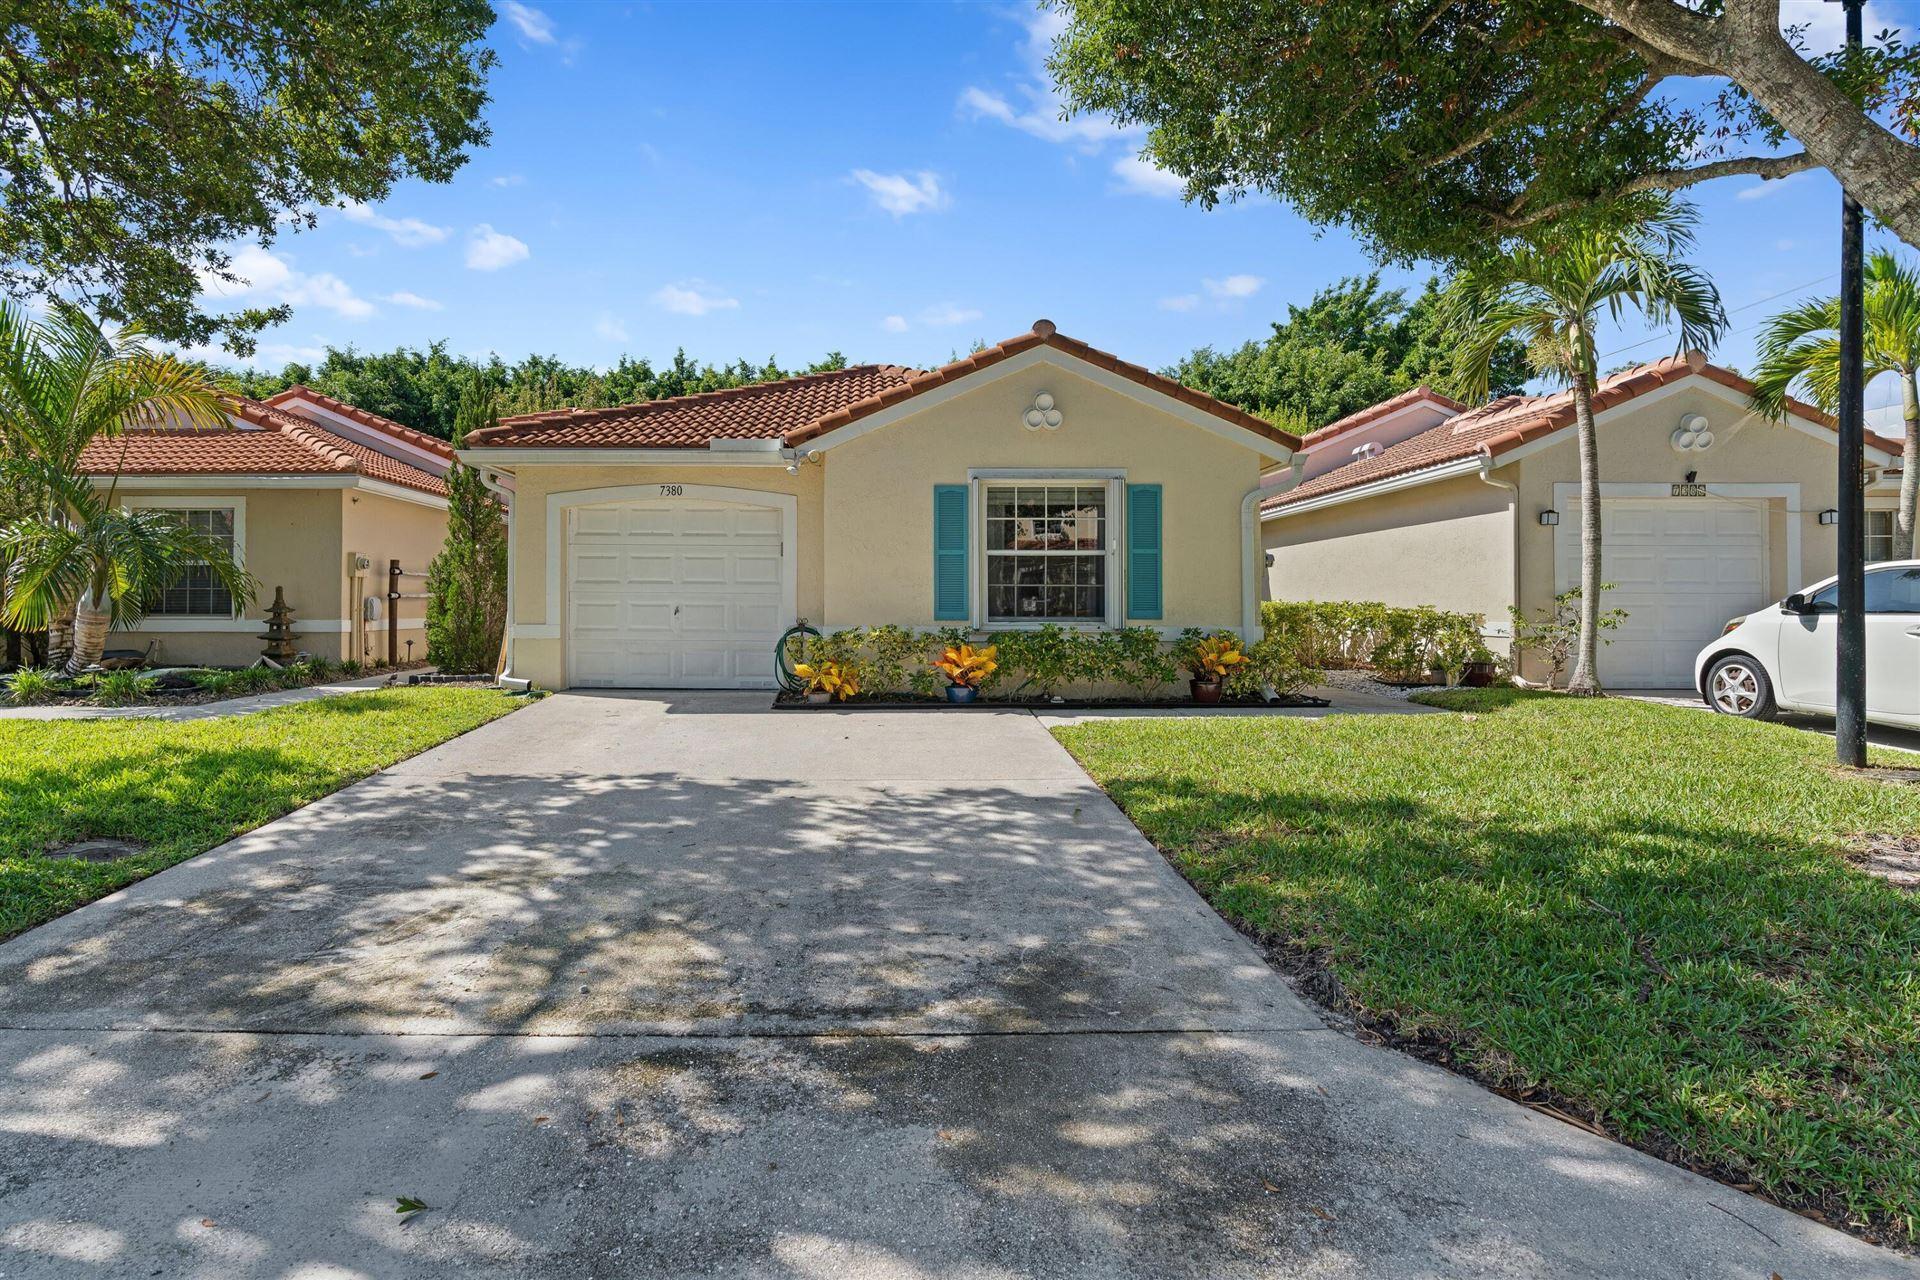 7380 Burgess Drive, Lake Worth, FL 33467 - MLS#: RX-10743197